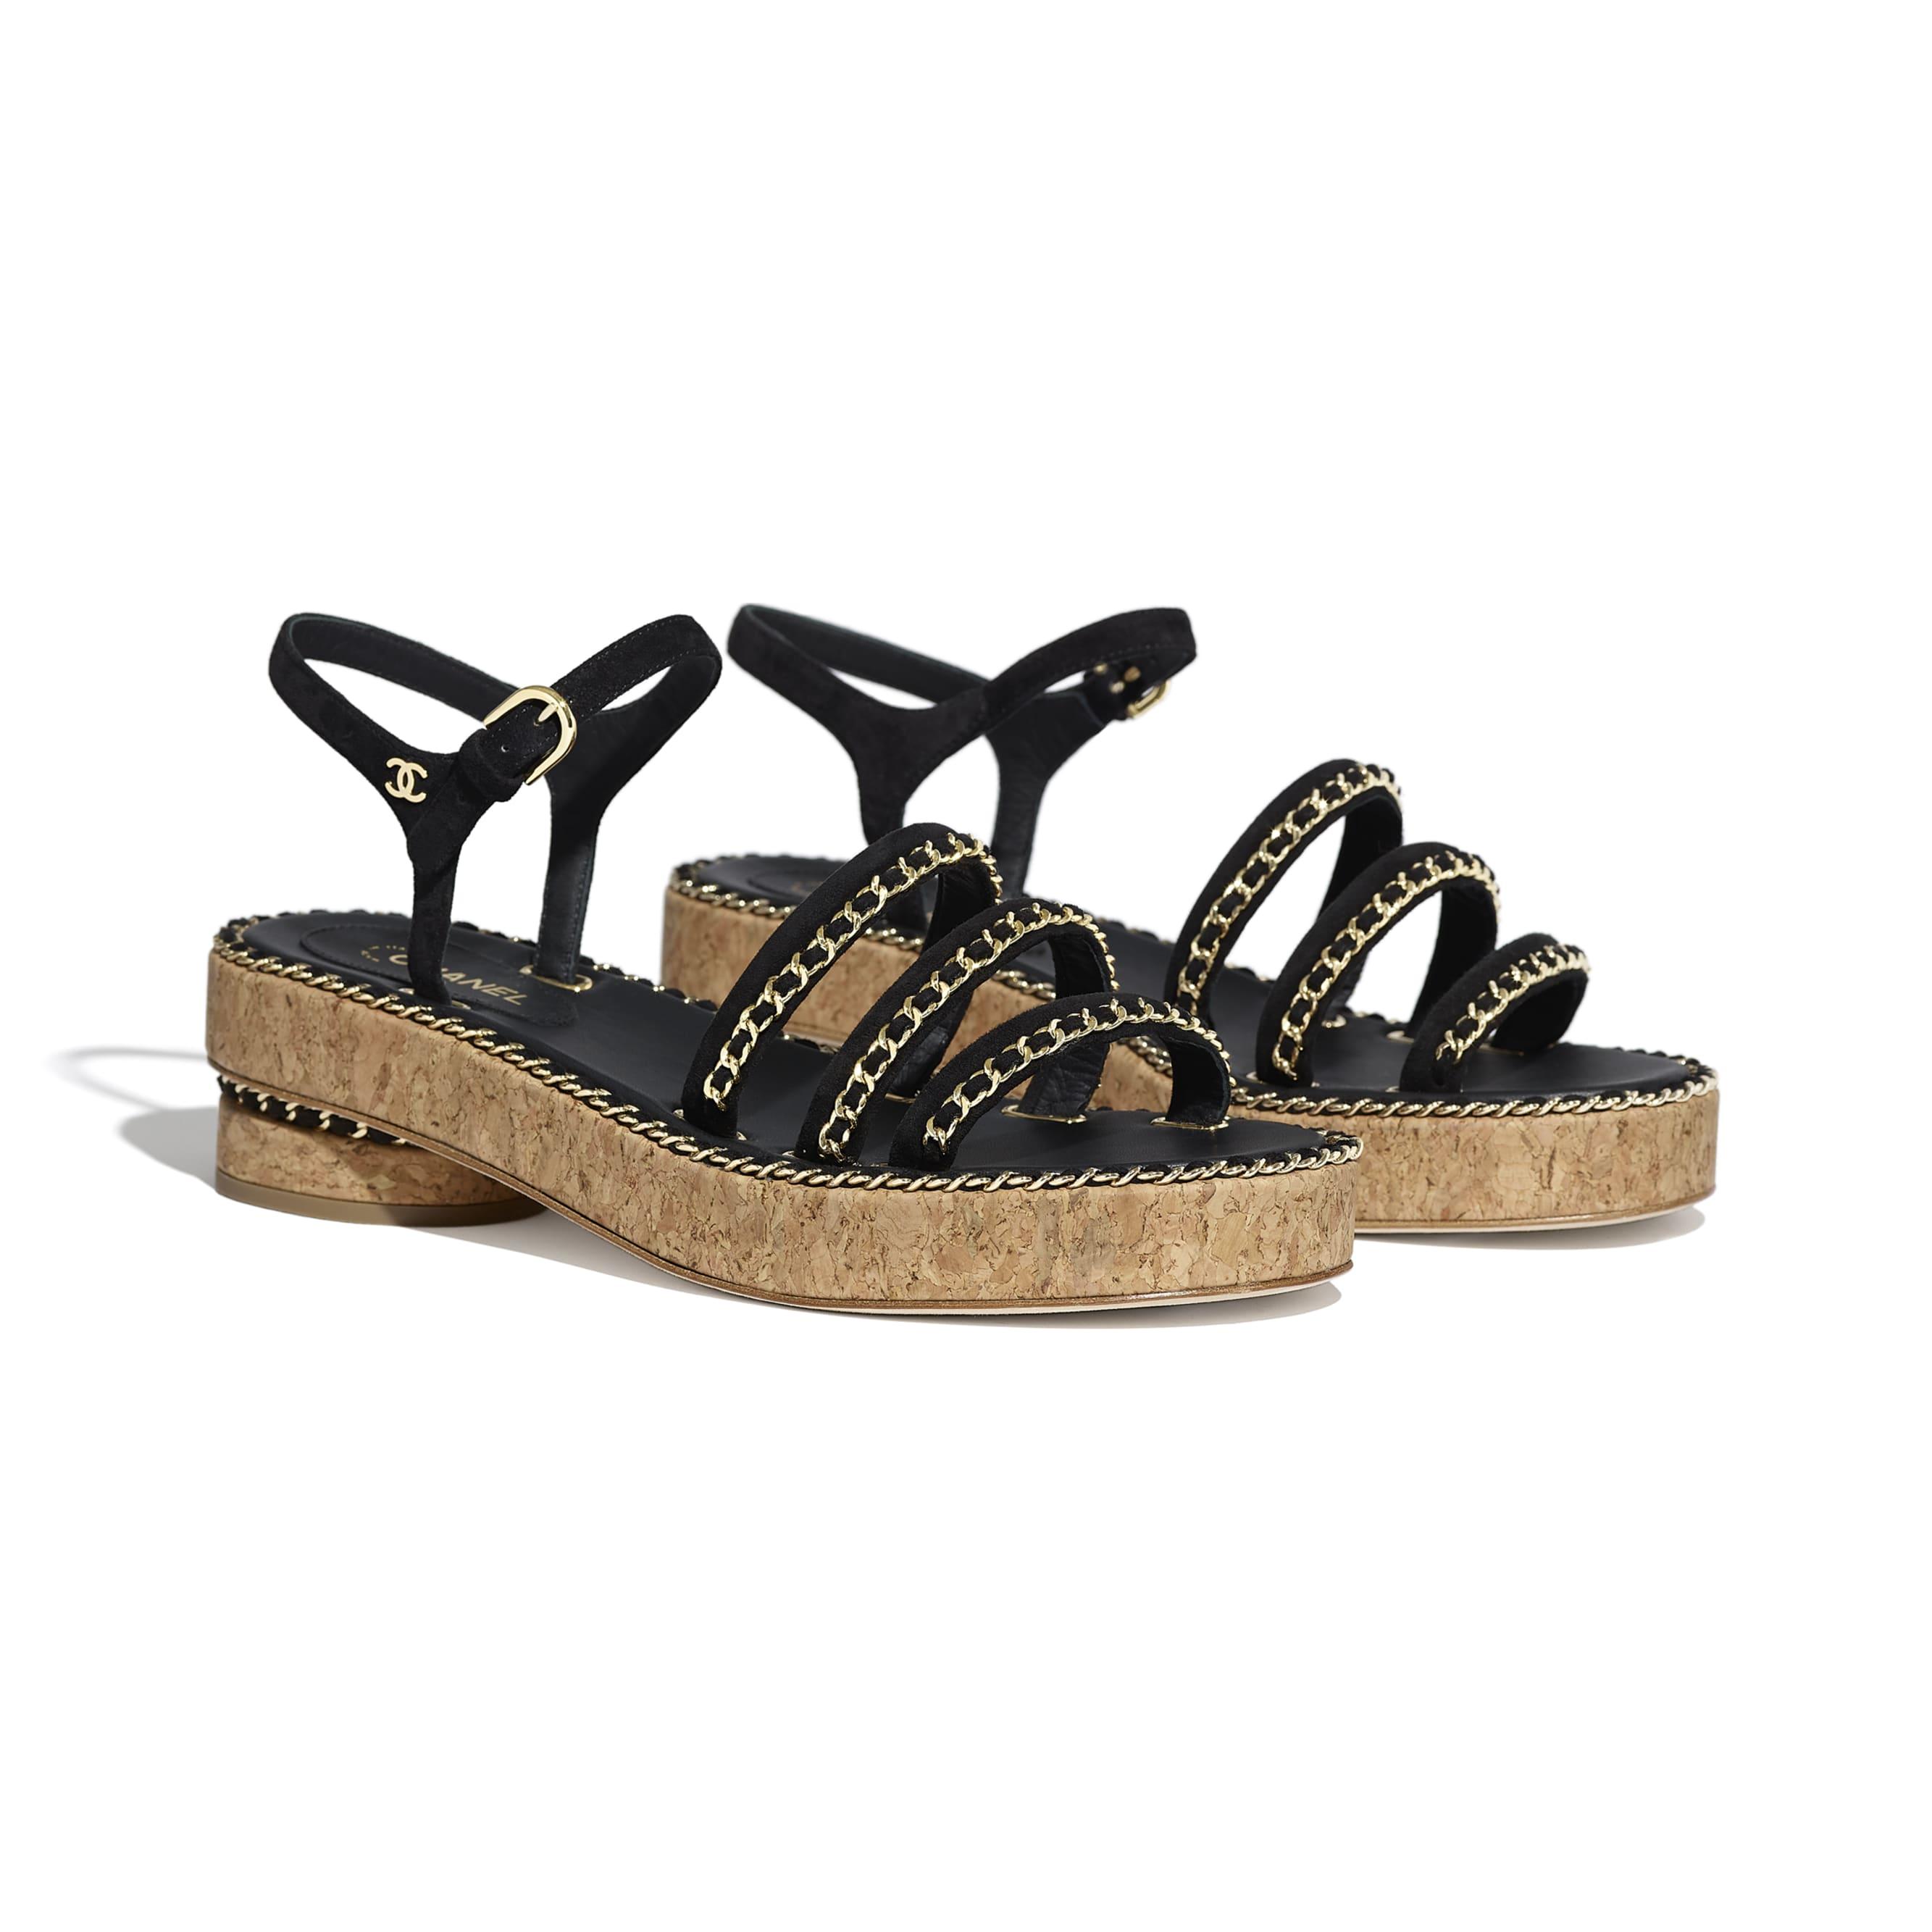 Sandals - Black - Suede Calfskin - Alternative view - see standard sized version